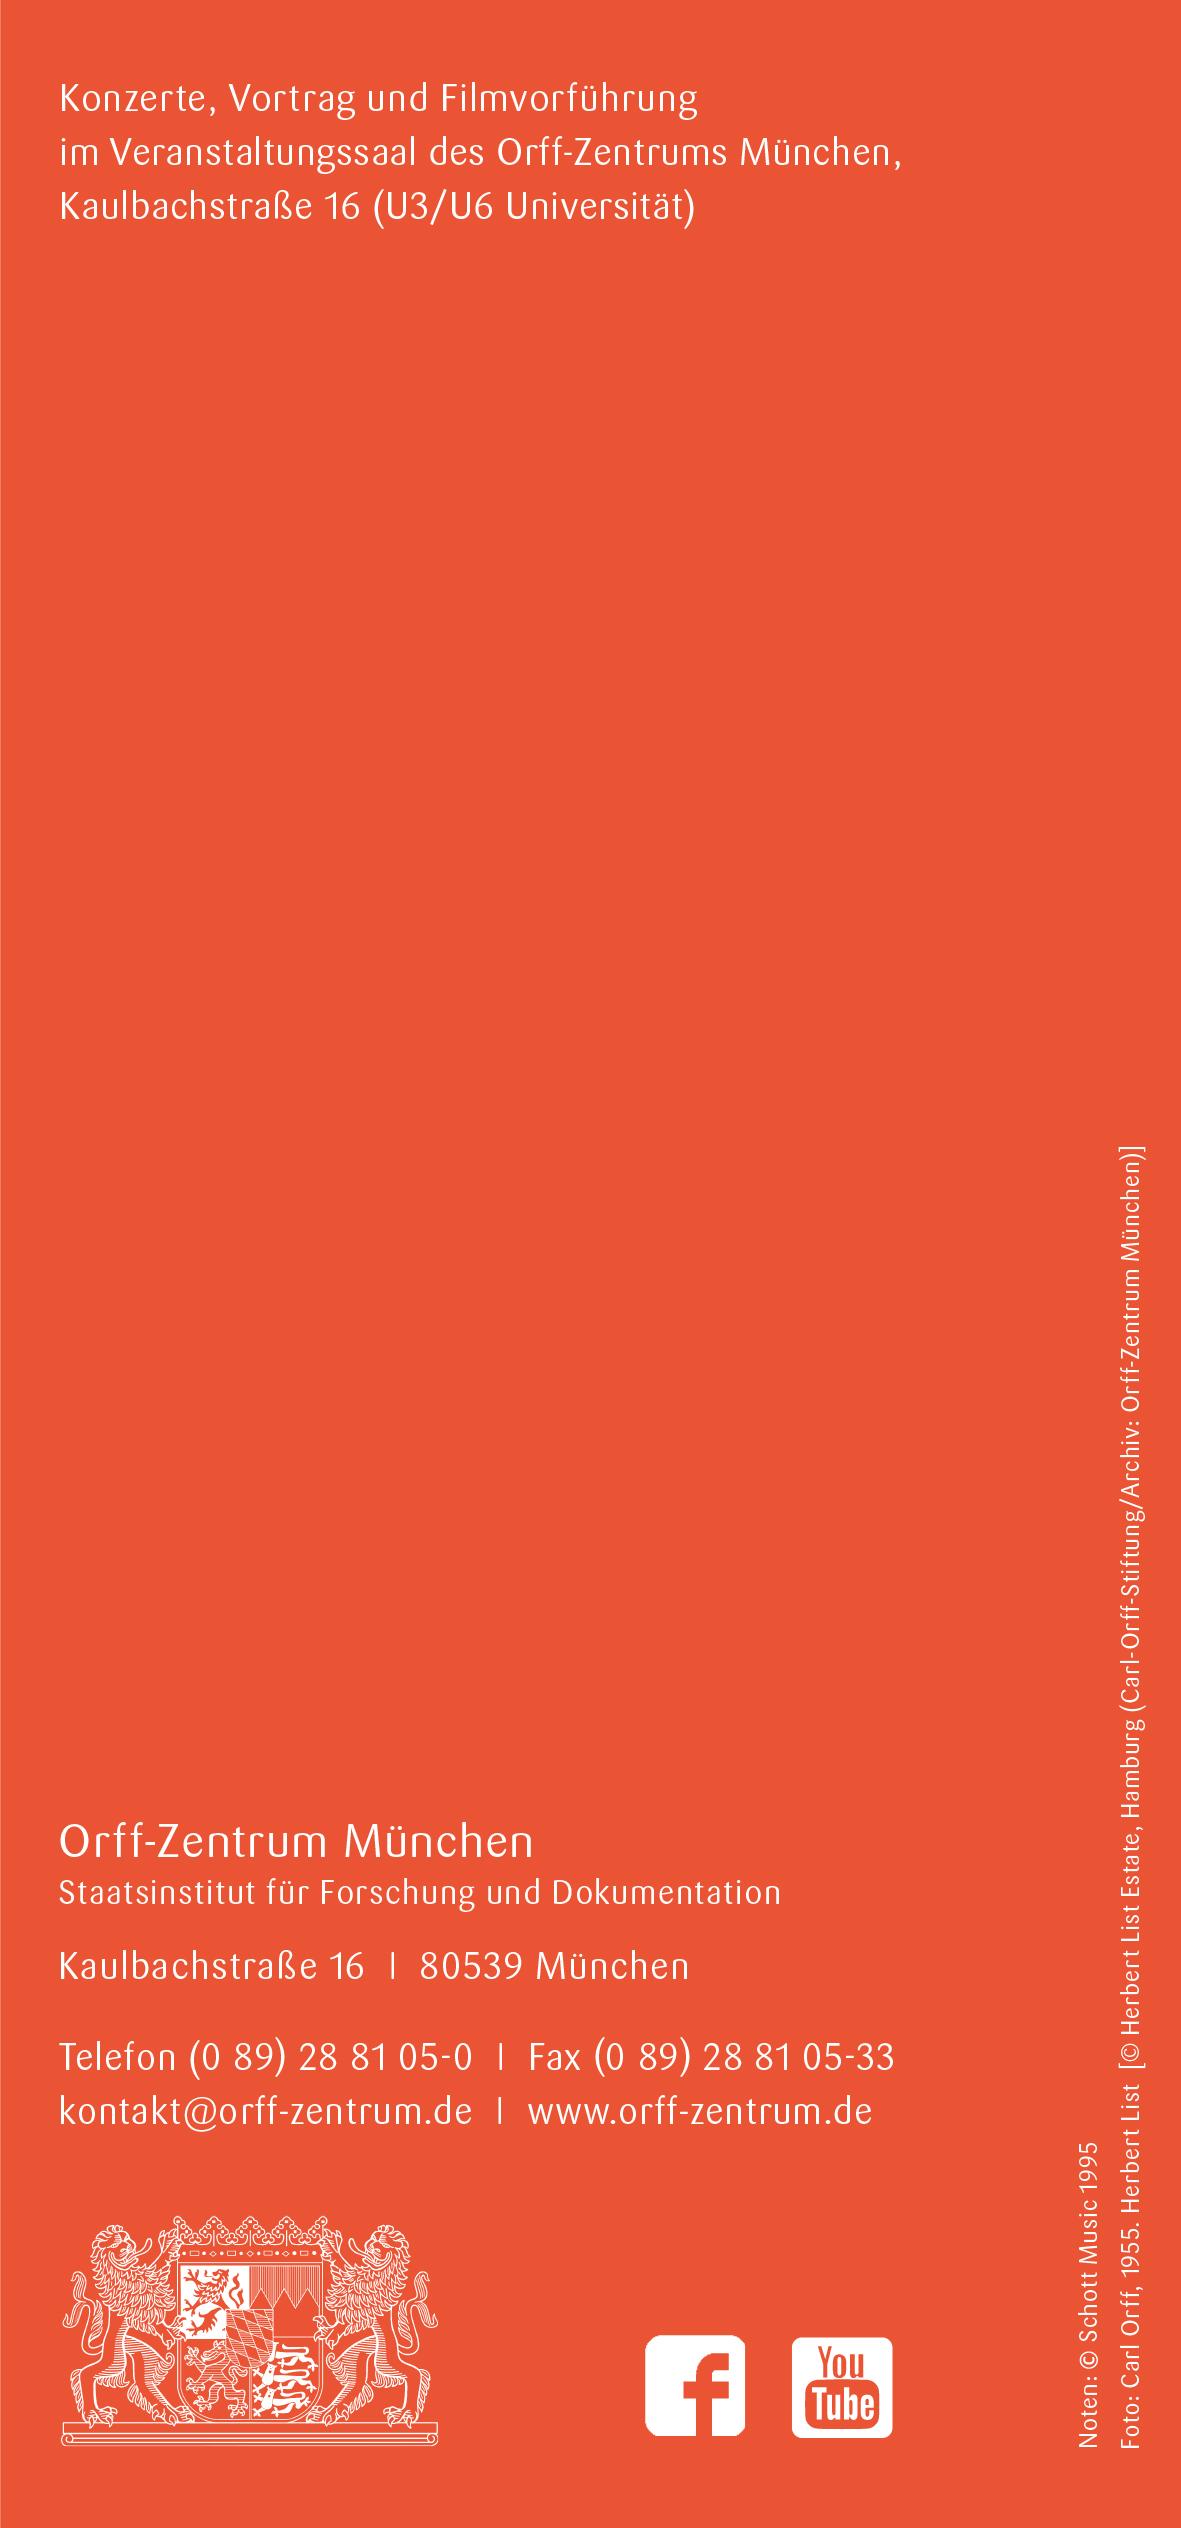 Orff-Zentrum München, Veranstaltungsflyer Nov.-Dez. 2018, Rückseite